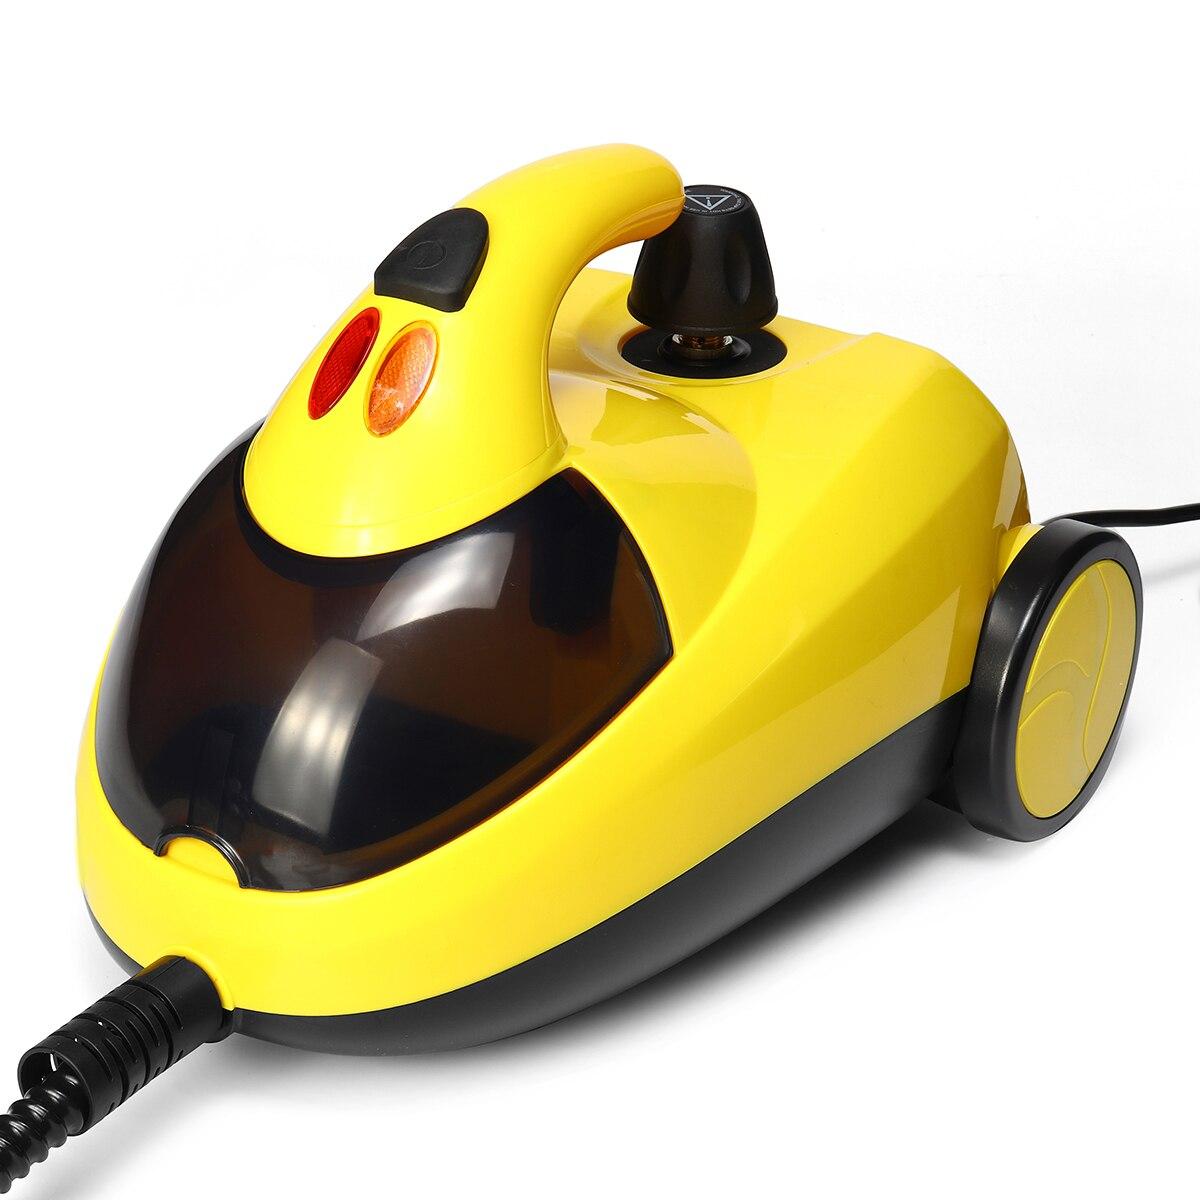 AMW Pratico Uso Domestico Magico di Pulizia del Pavimento Mop 360 Gradi di Rotolamento di Spin Auto Strizzare Fibra di Cotone Testa Mop Piano set di trasporto di Goccia - 5